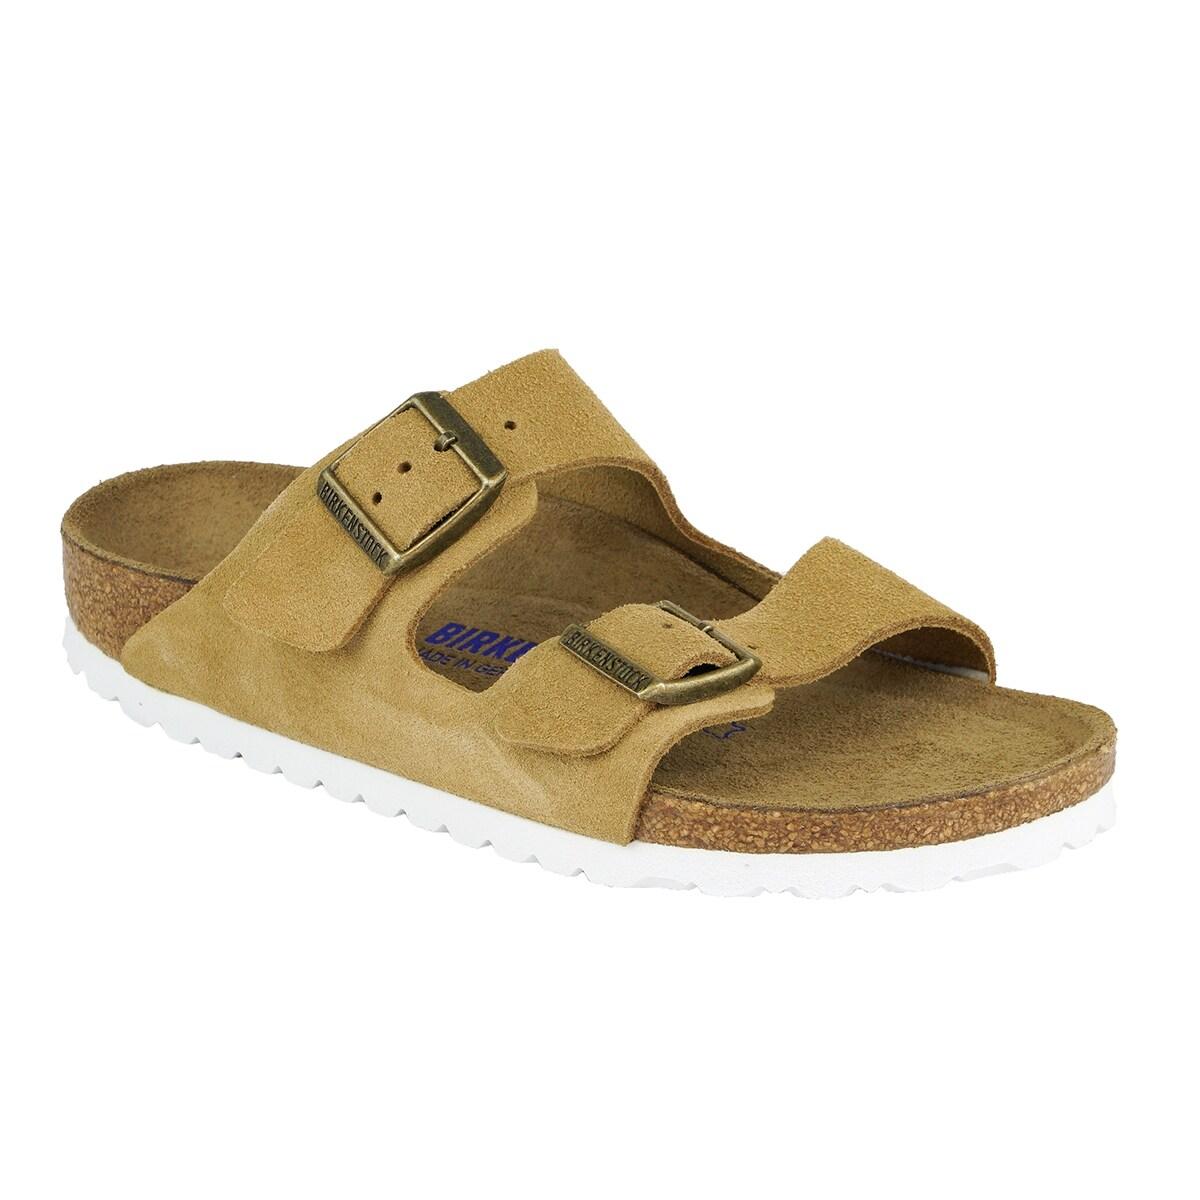 adc577e57 Birkenstock Shoes